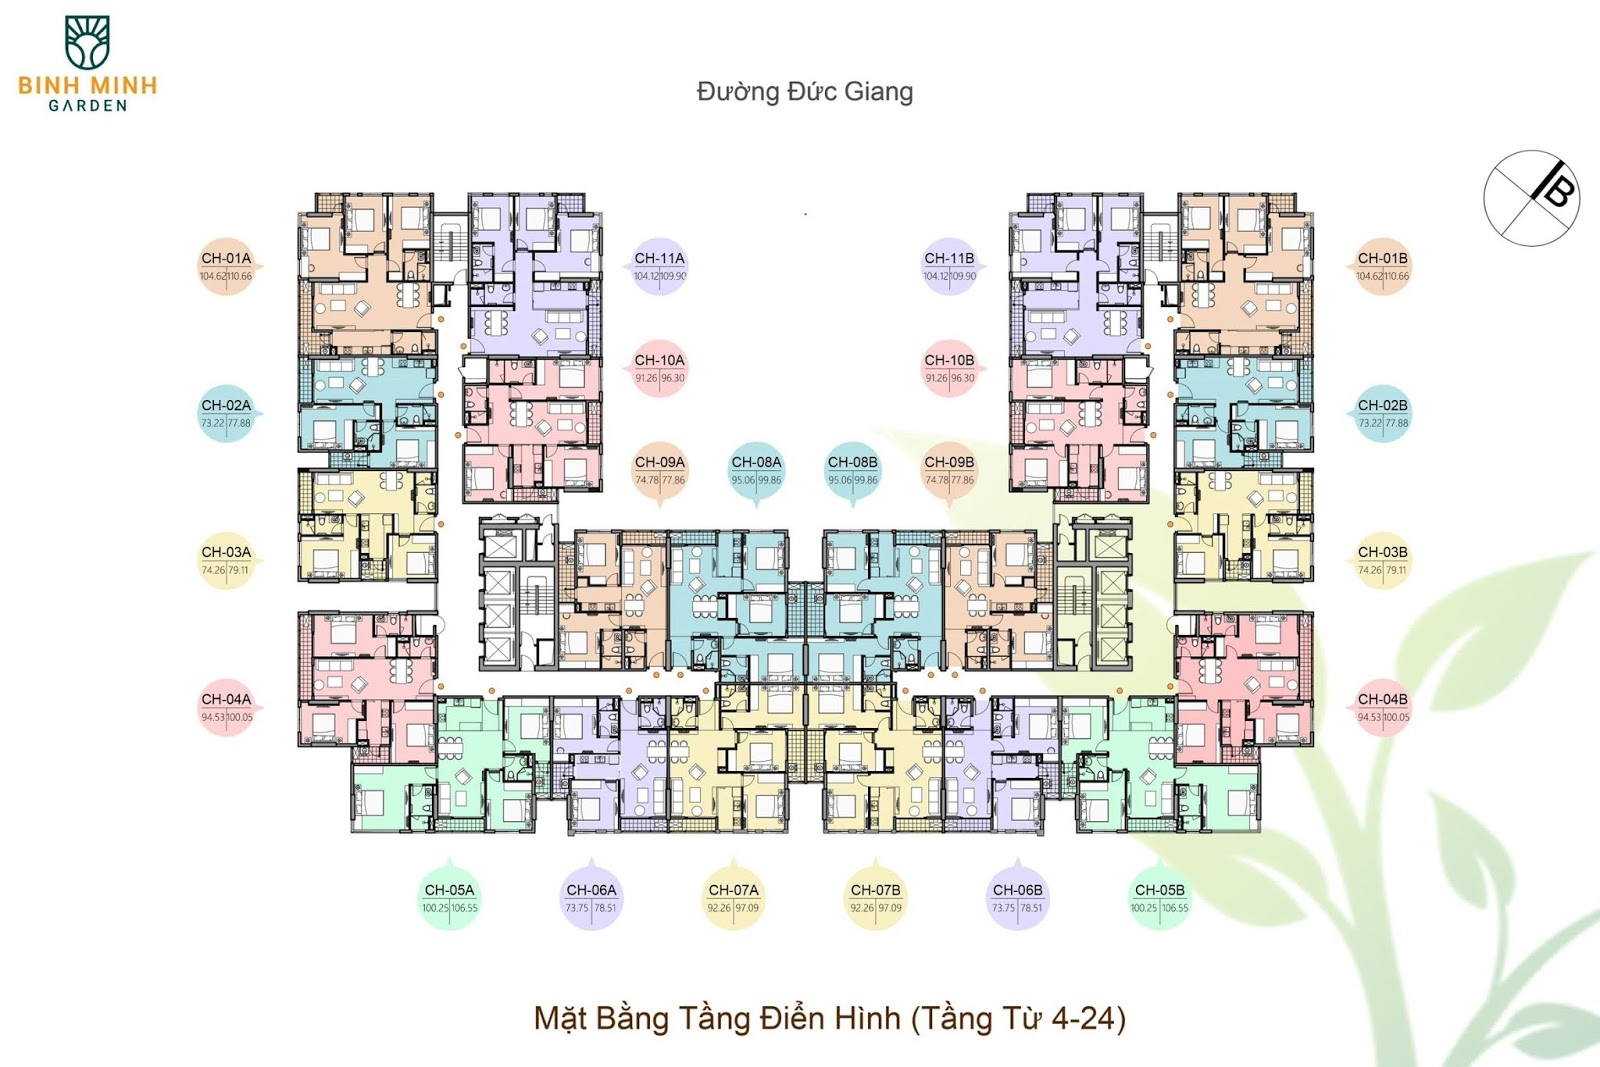 Thiết kế chung cư Bình Minh Garden!